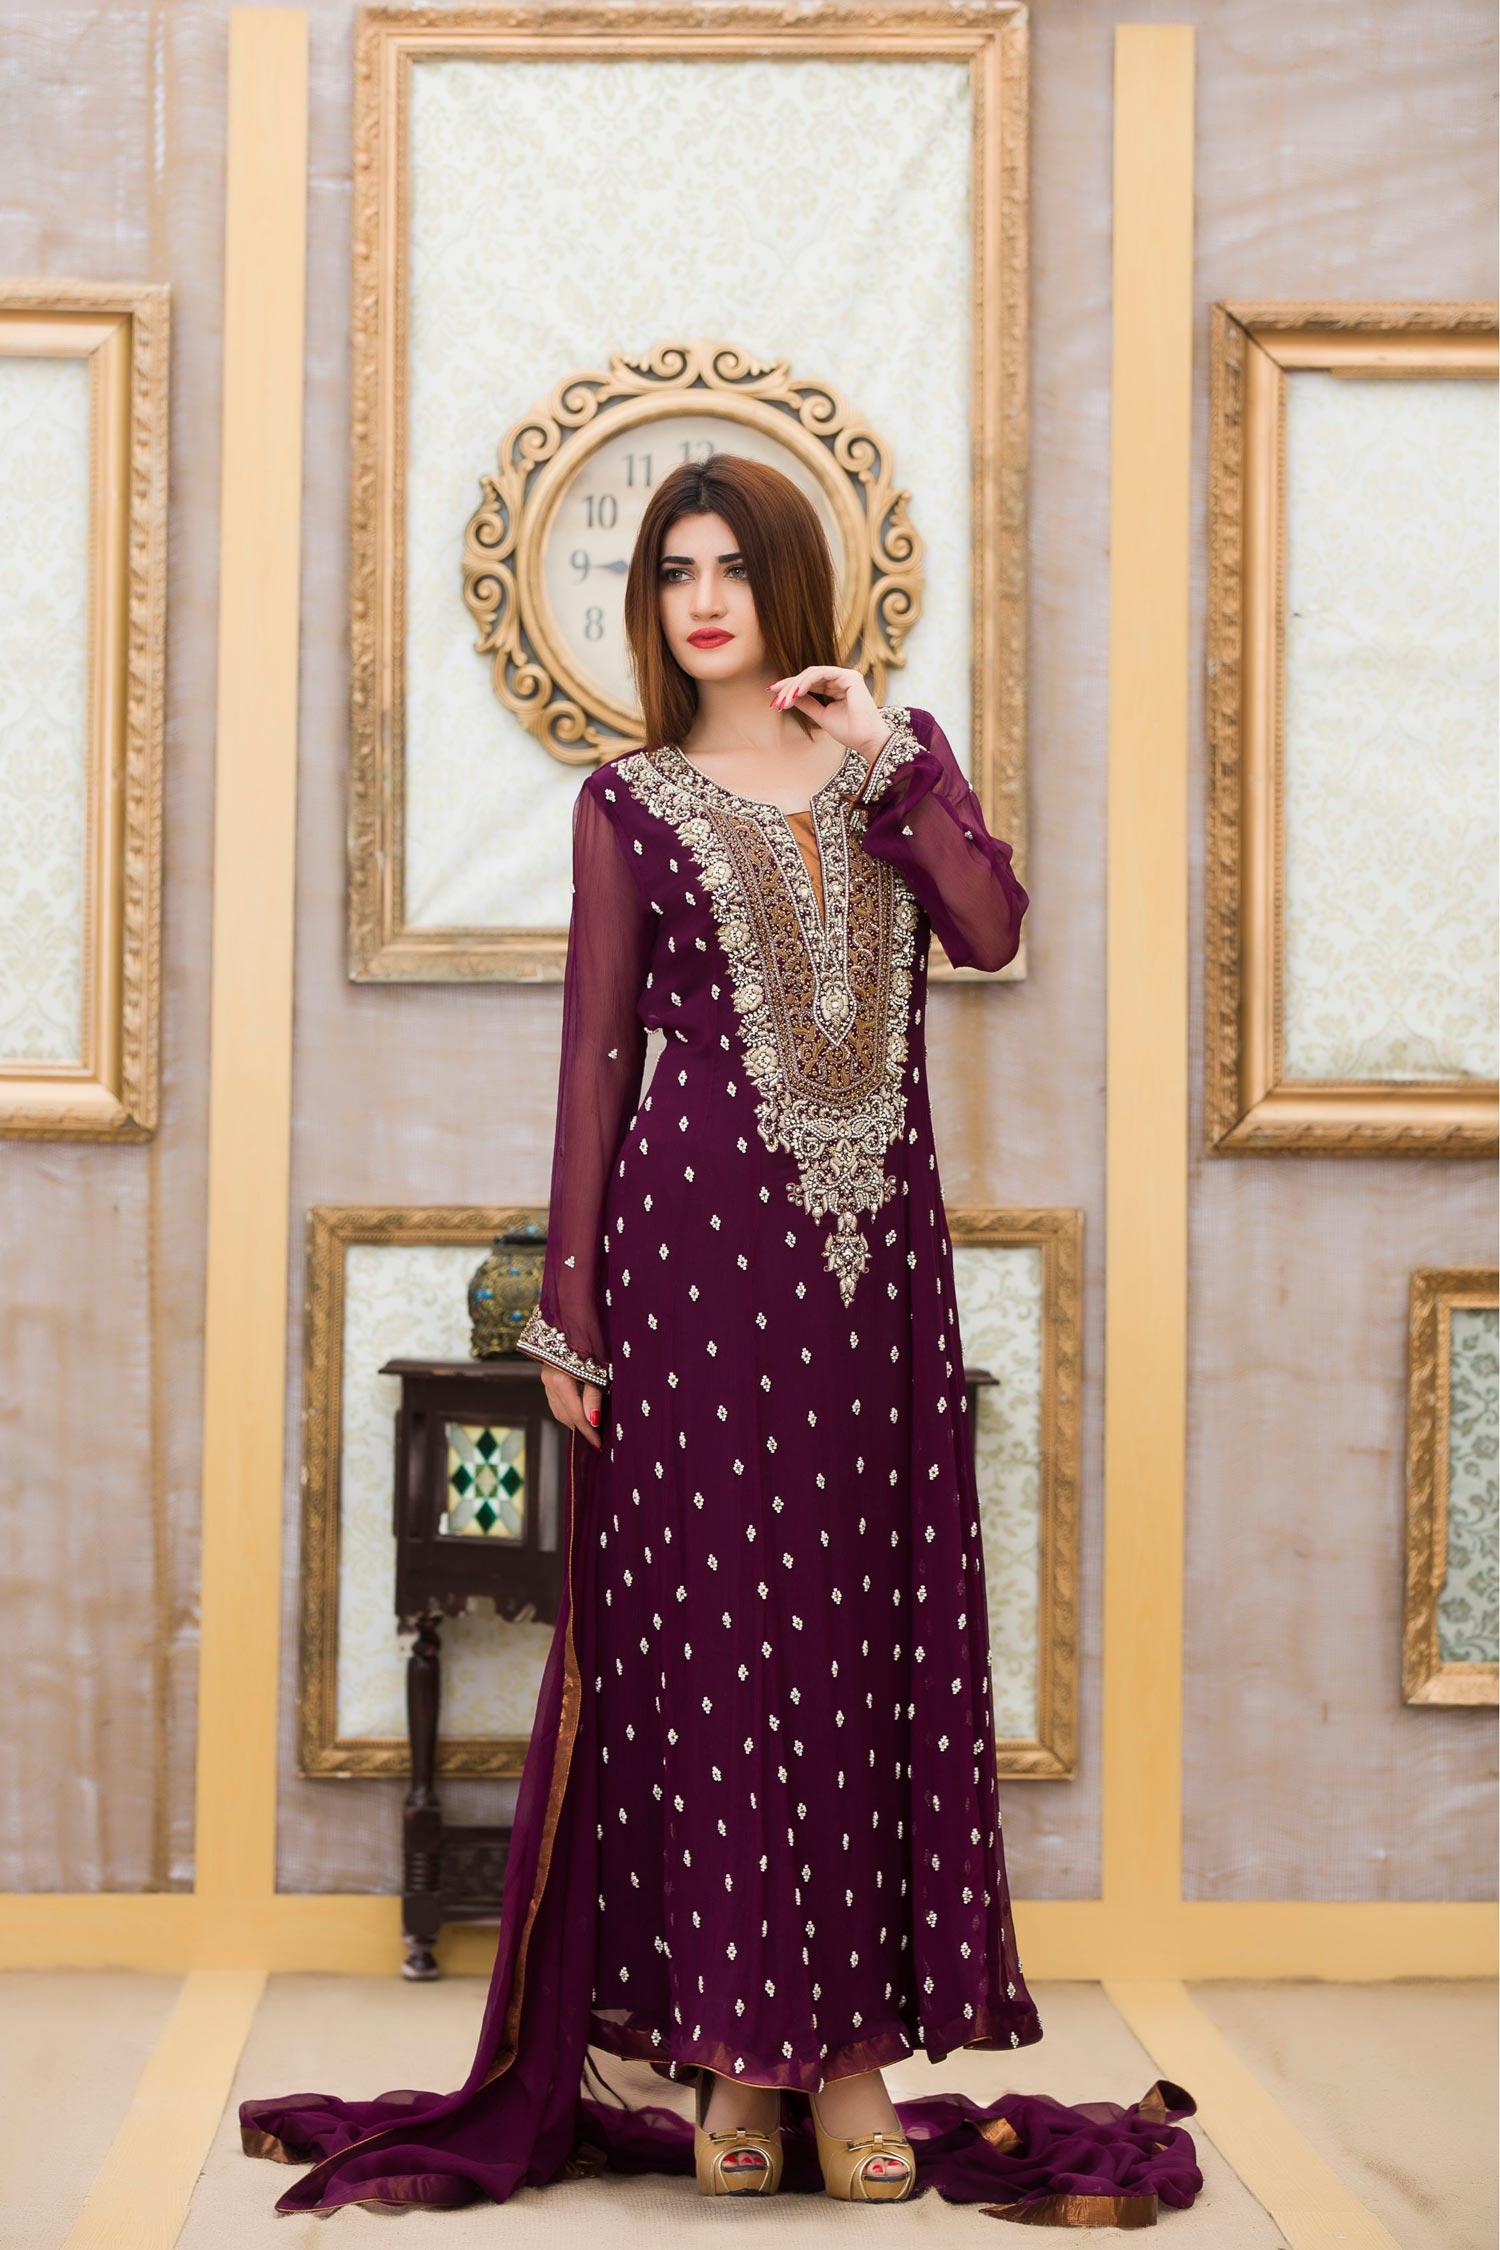 859a2866eff9 Exclusive Boutique Bridal Wear Purple Color - Exclusive Online Boutique